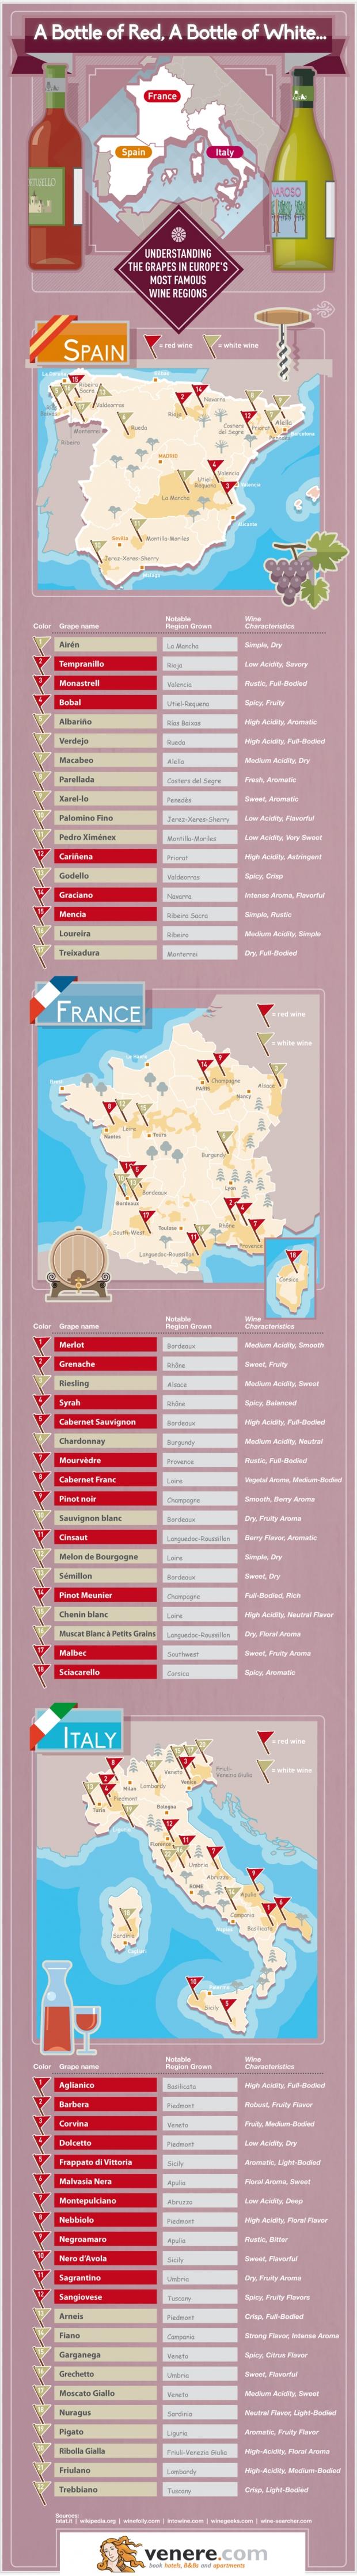 Winemap01